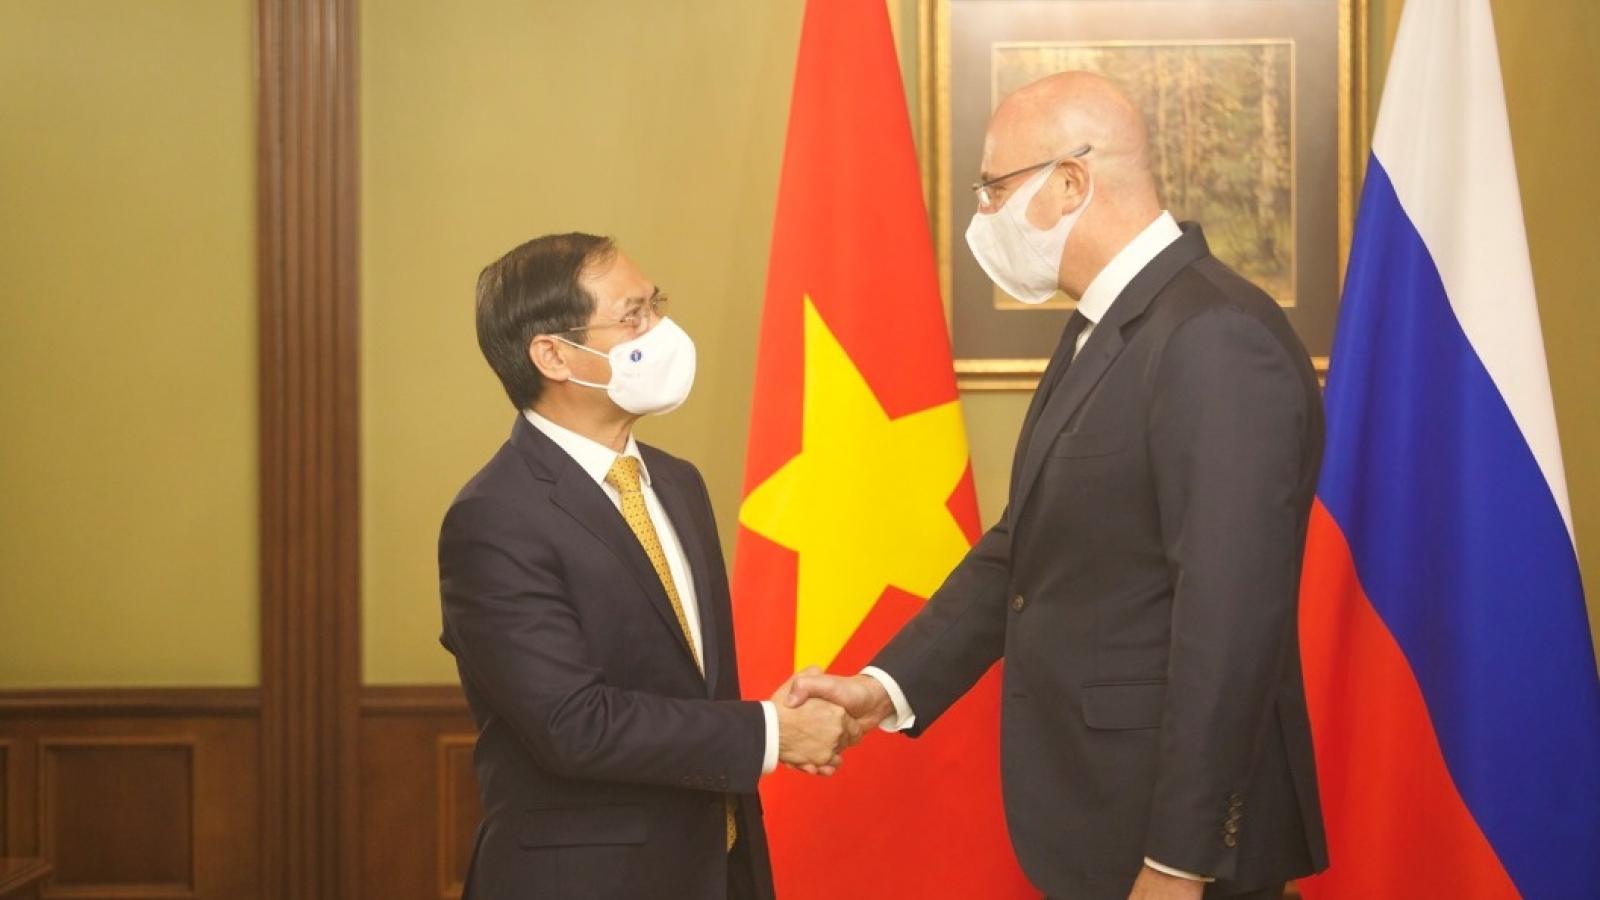 Bộ trưởng Ngoại giao Bùi Thanh Sơn hội kiến Phó Thủ tướng Nga Dmitry Chernyshenko